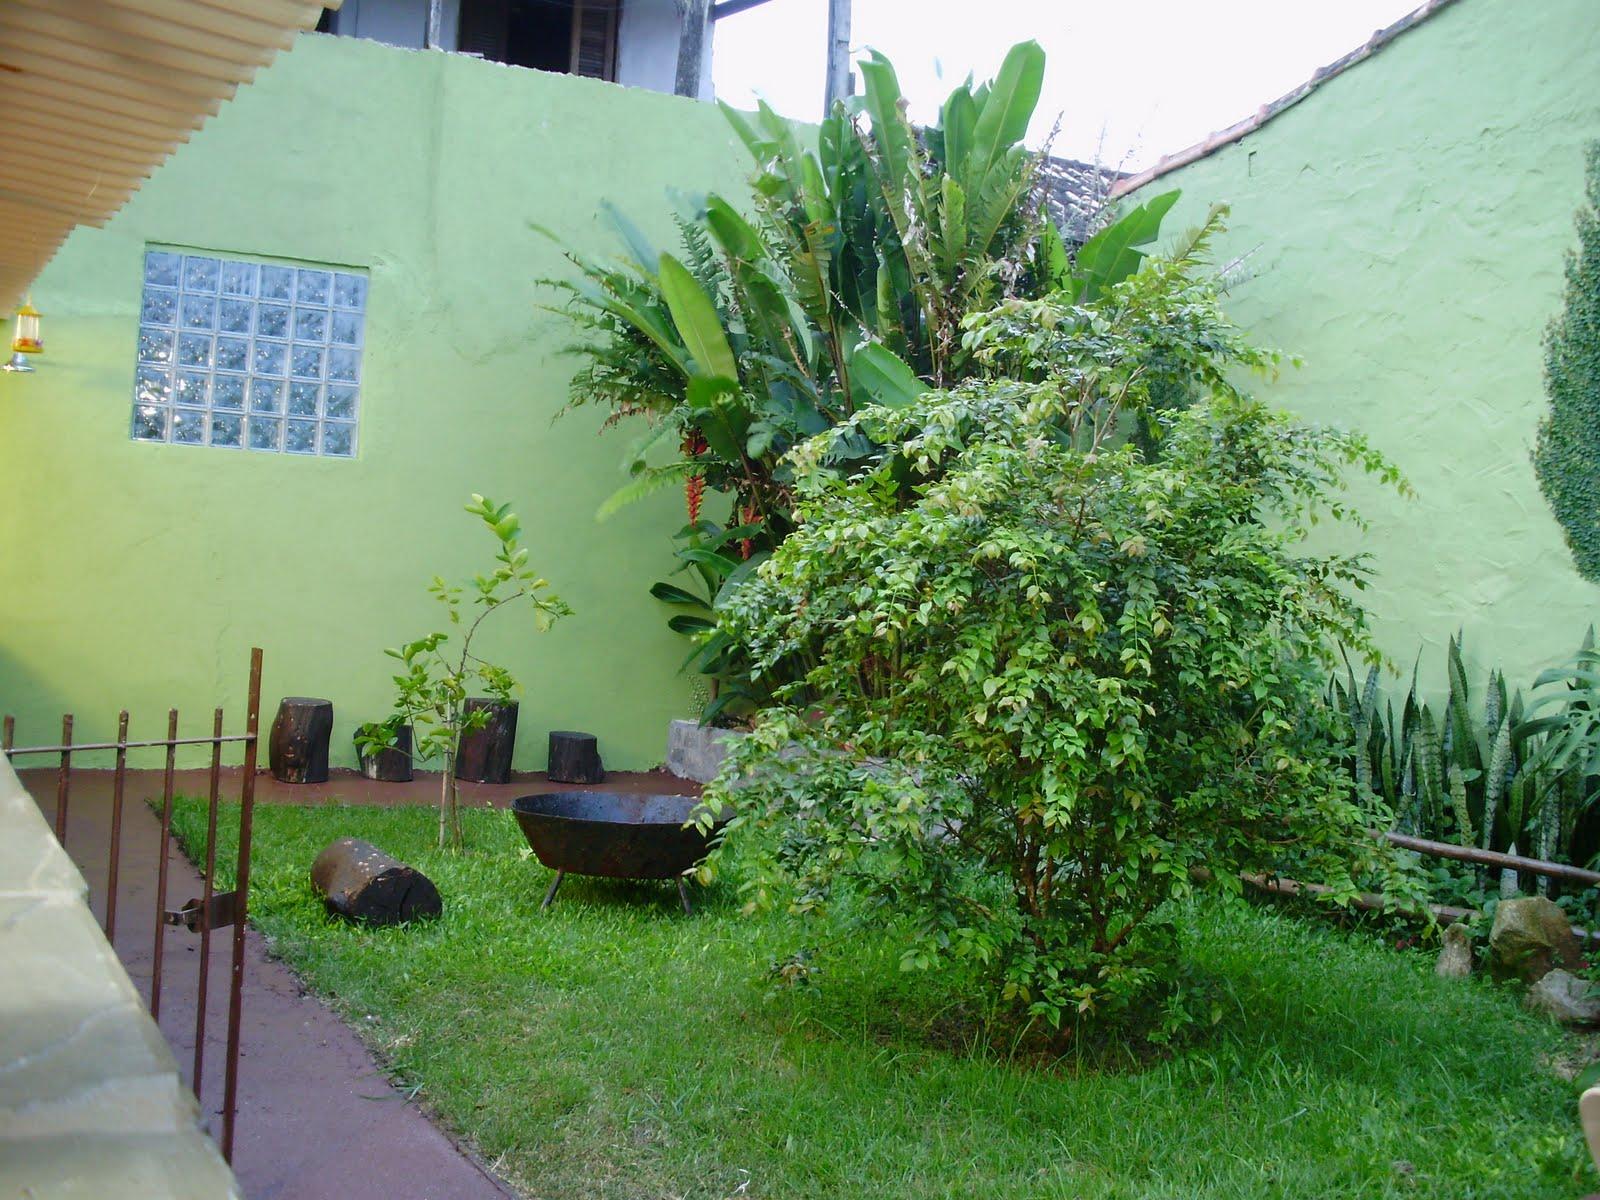 No jardim da frente, bambús, bonsai, vasos e mais vasos, um jardim